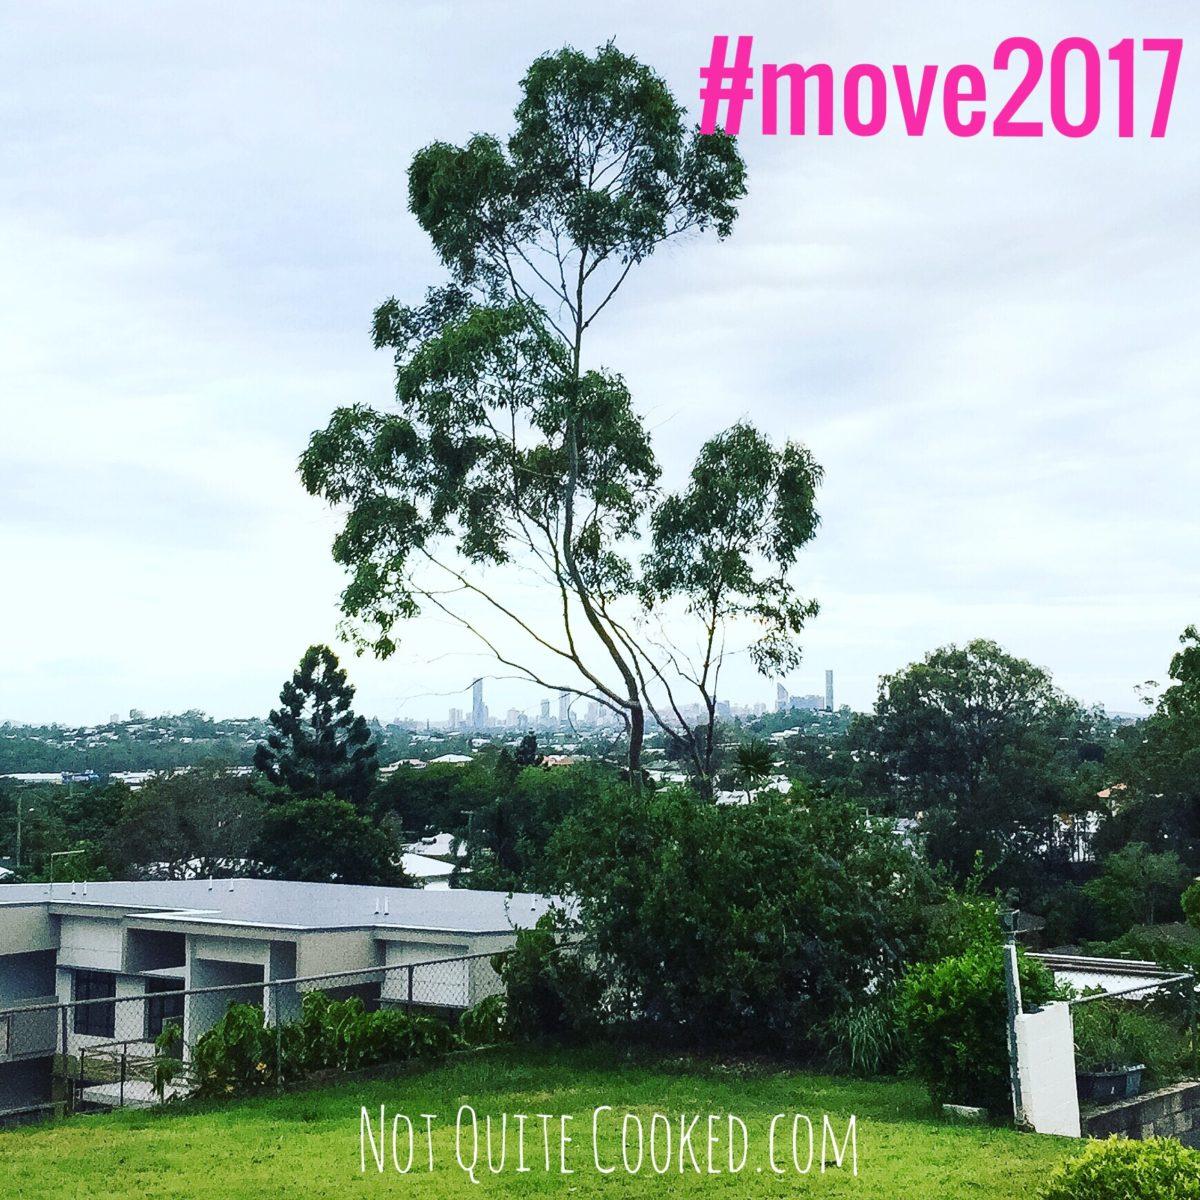 #Move2017